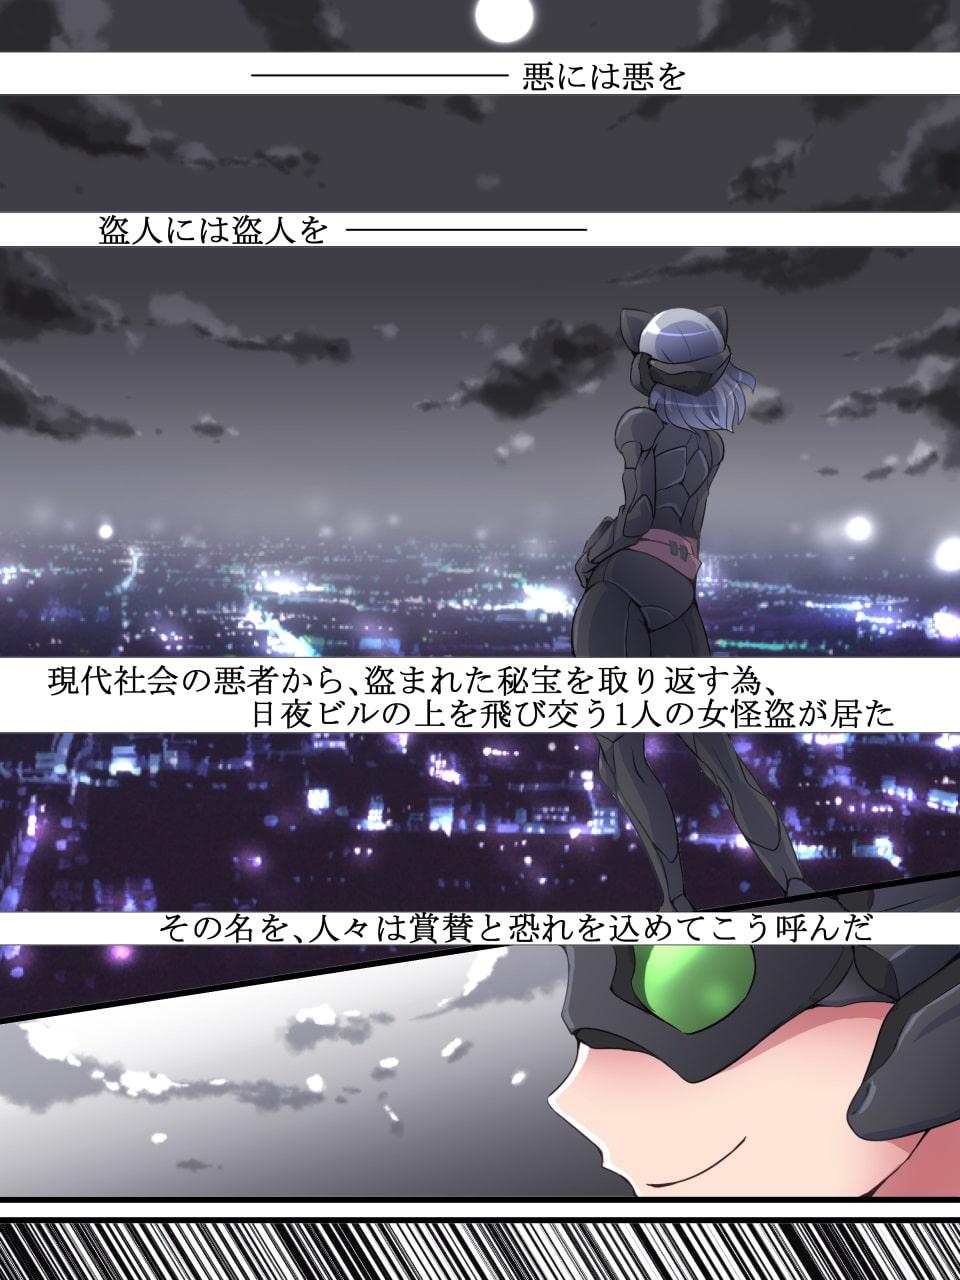 怪盗シルバーキャット漫画版 第1話